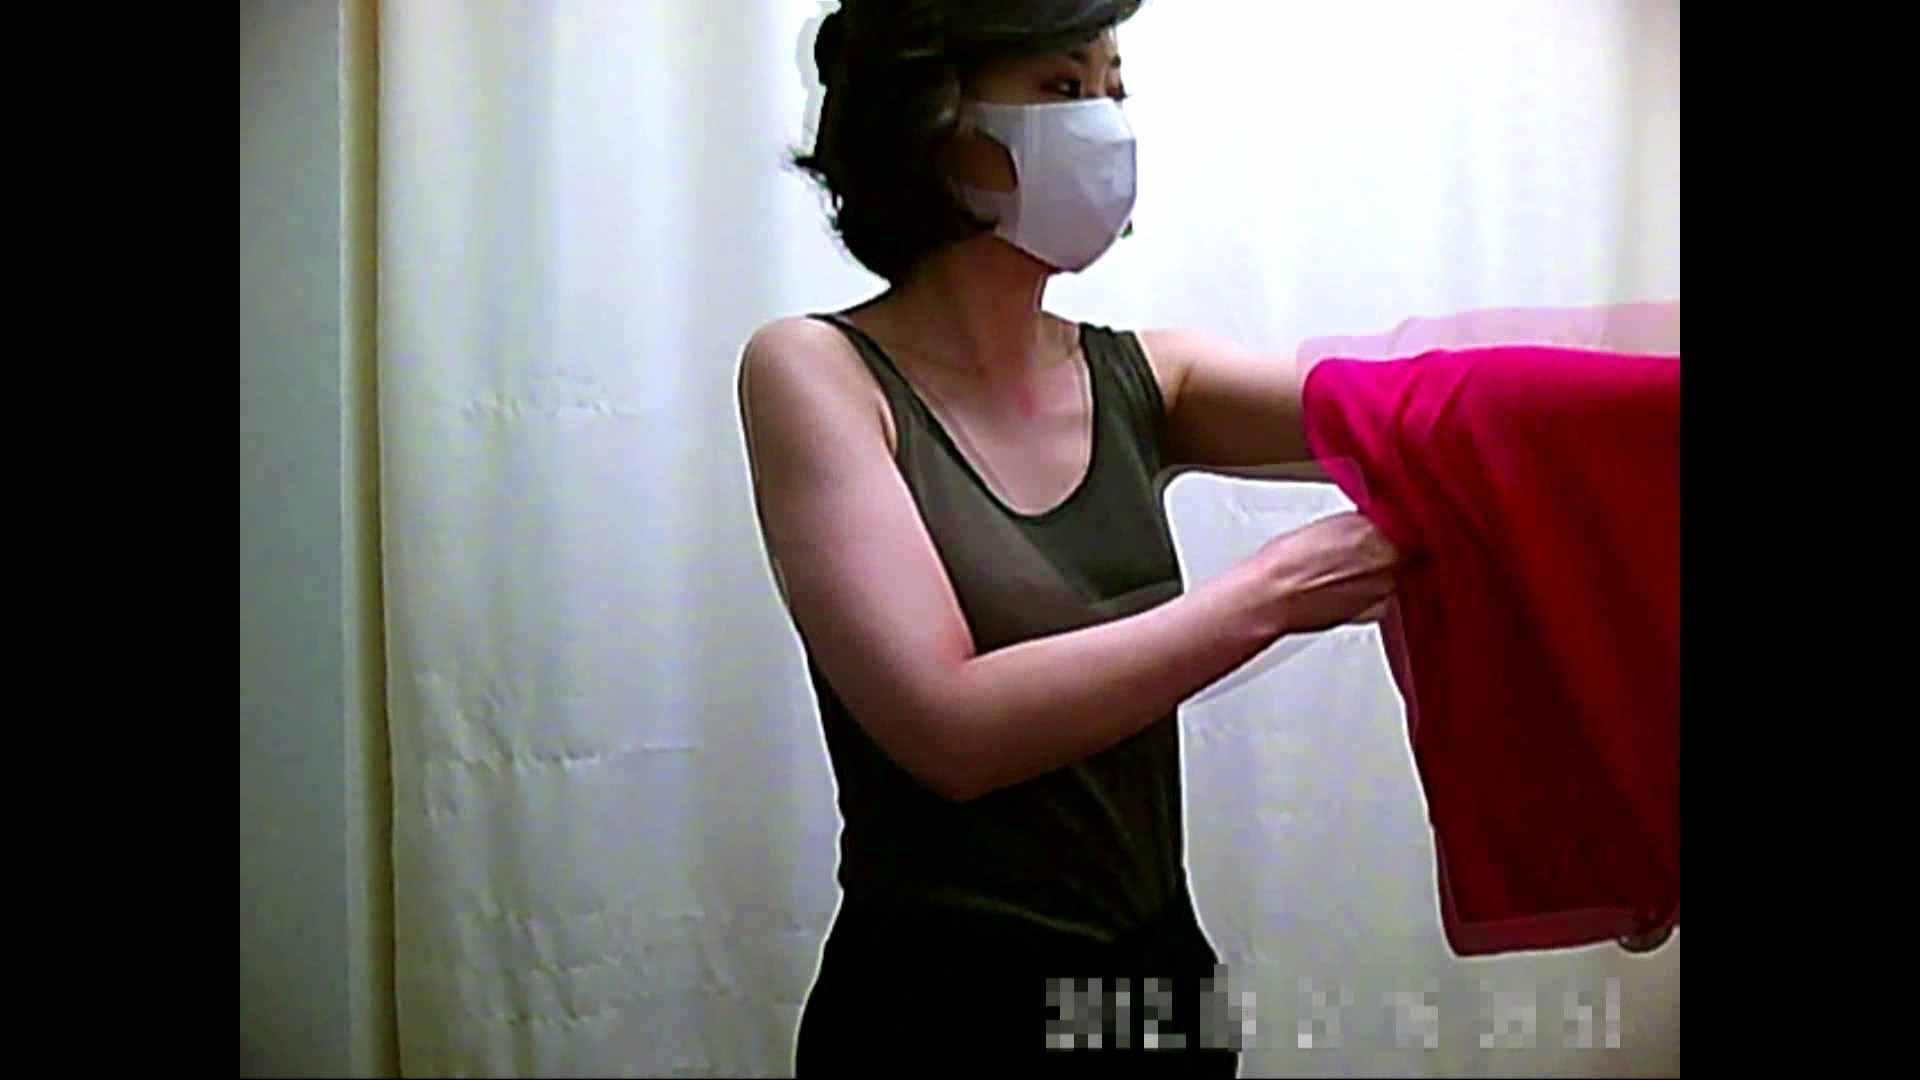 元医者による反抗 更衣室地獄絵巻 vol.006 0 | エロいOL  85枚